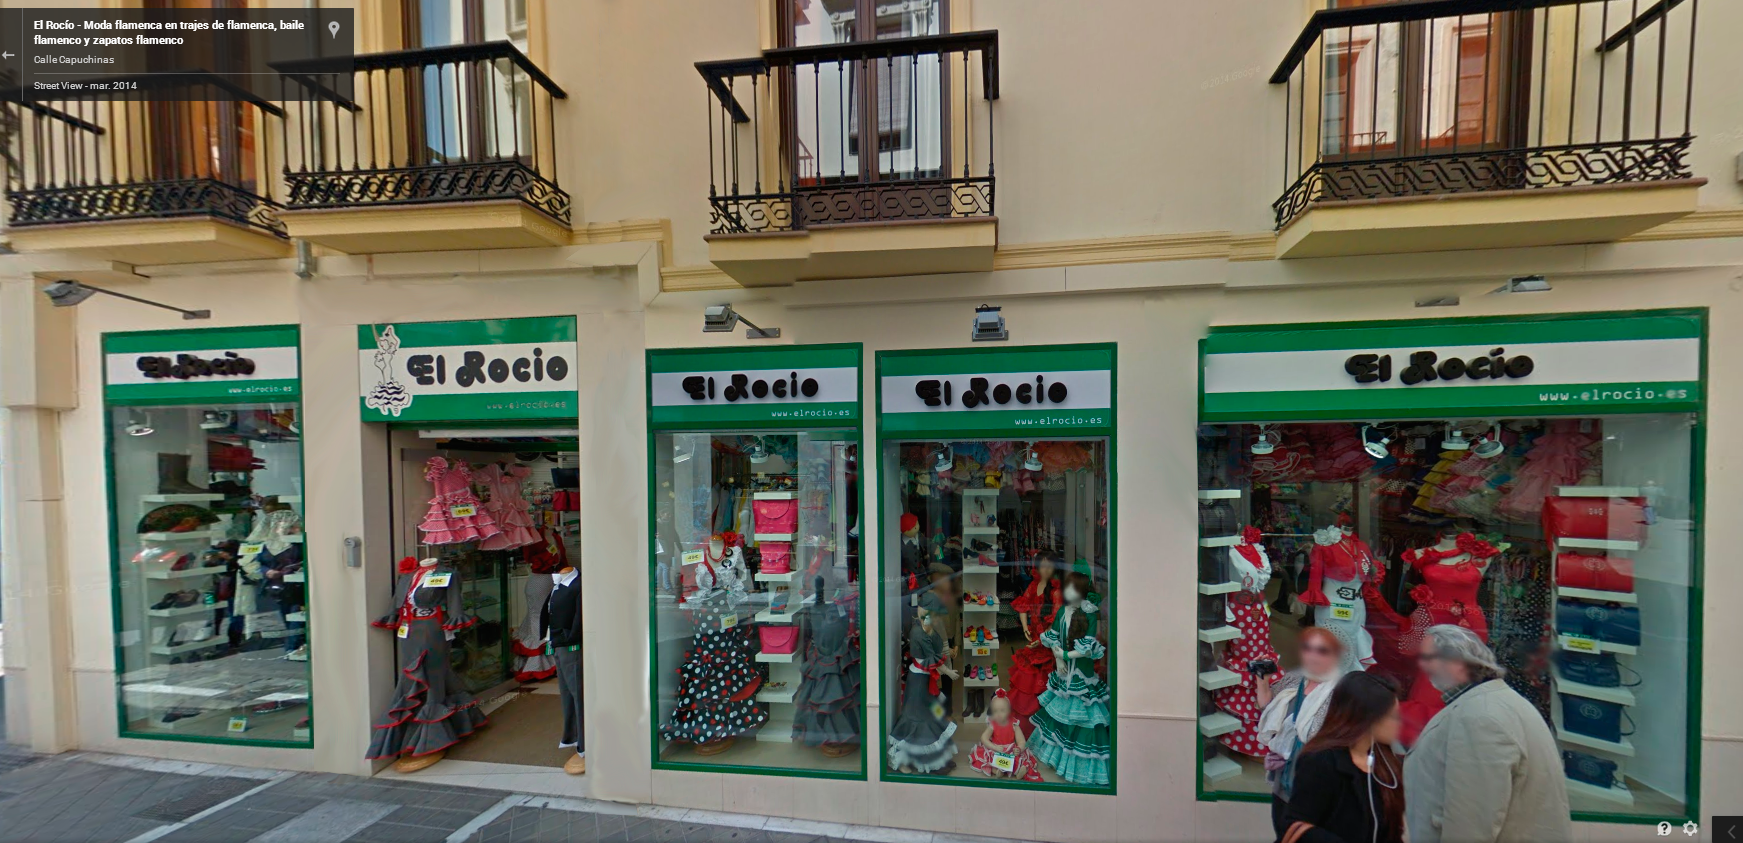 El Rocío, Trajes de Flamenca - Tienda de Granada